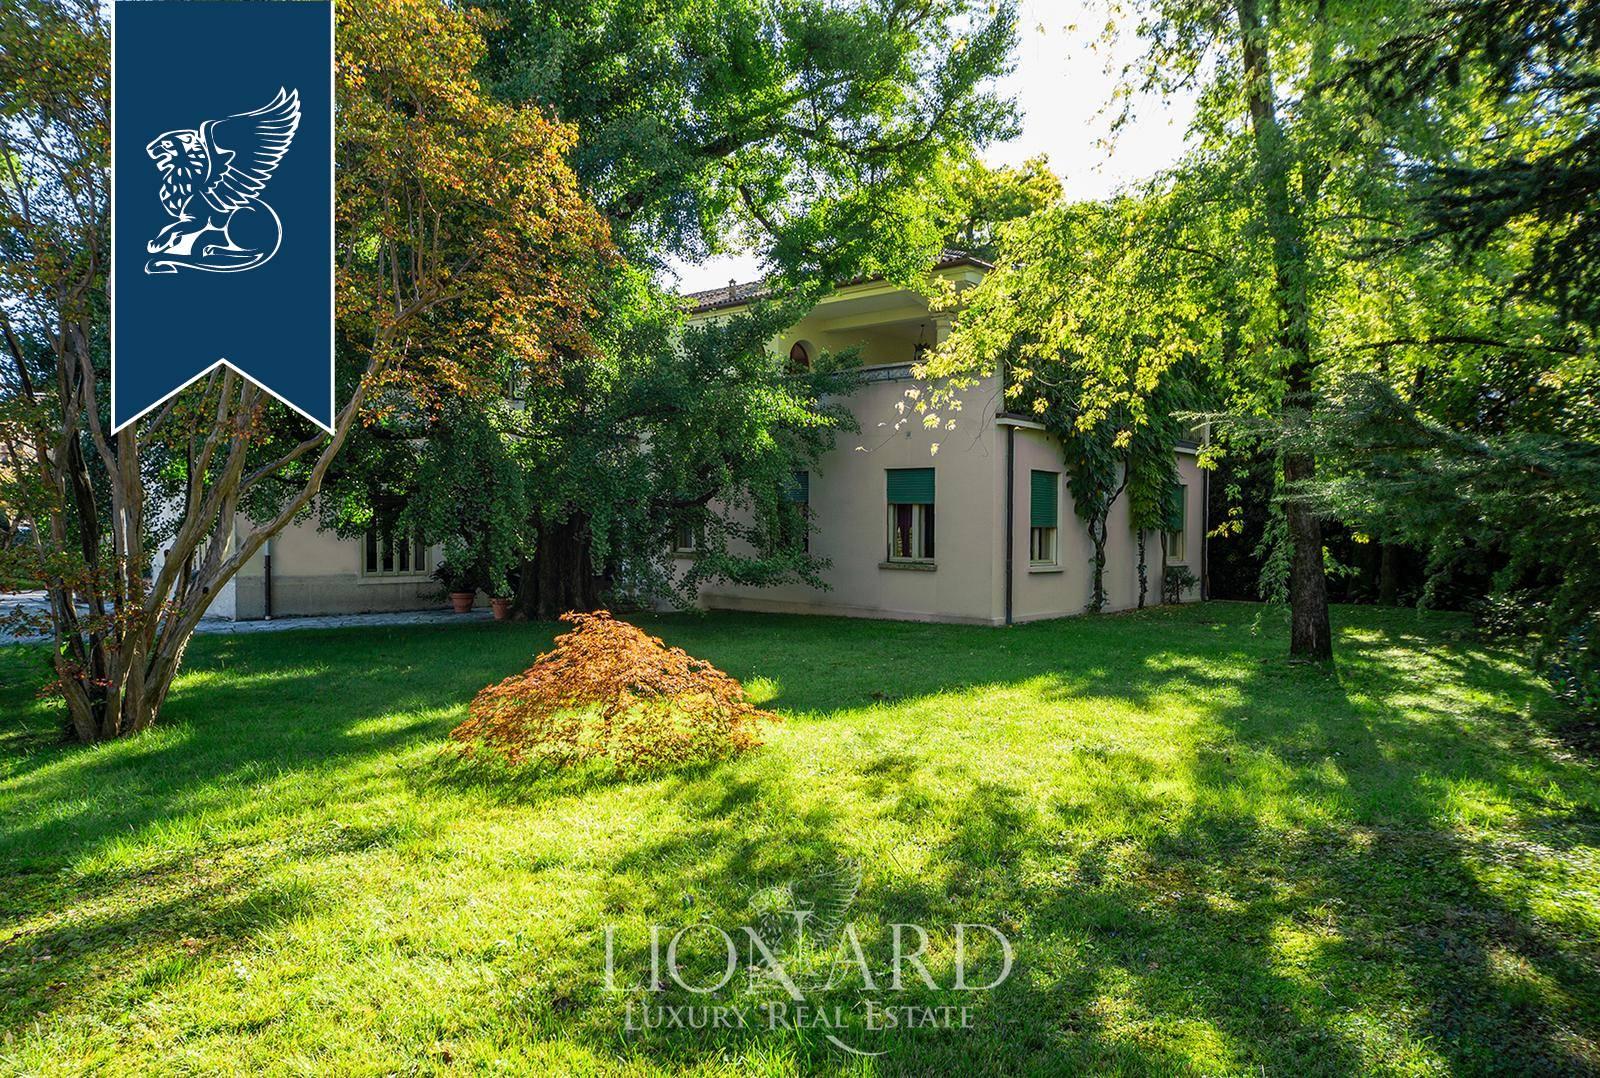 Appartamento in Vendita a Conegliano: 0 locali, 365 mq - Foto 8